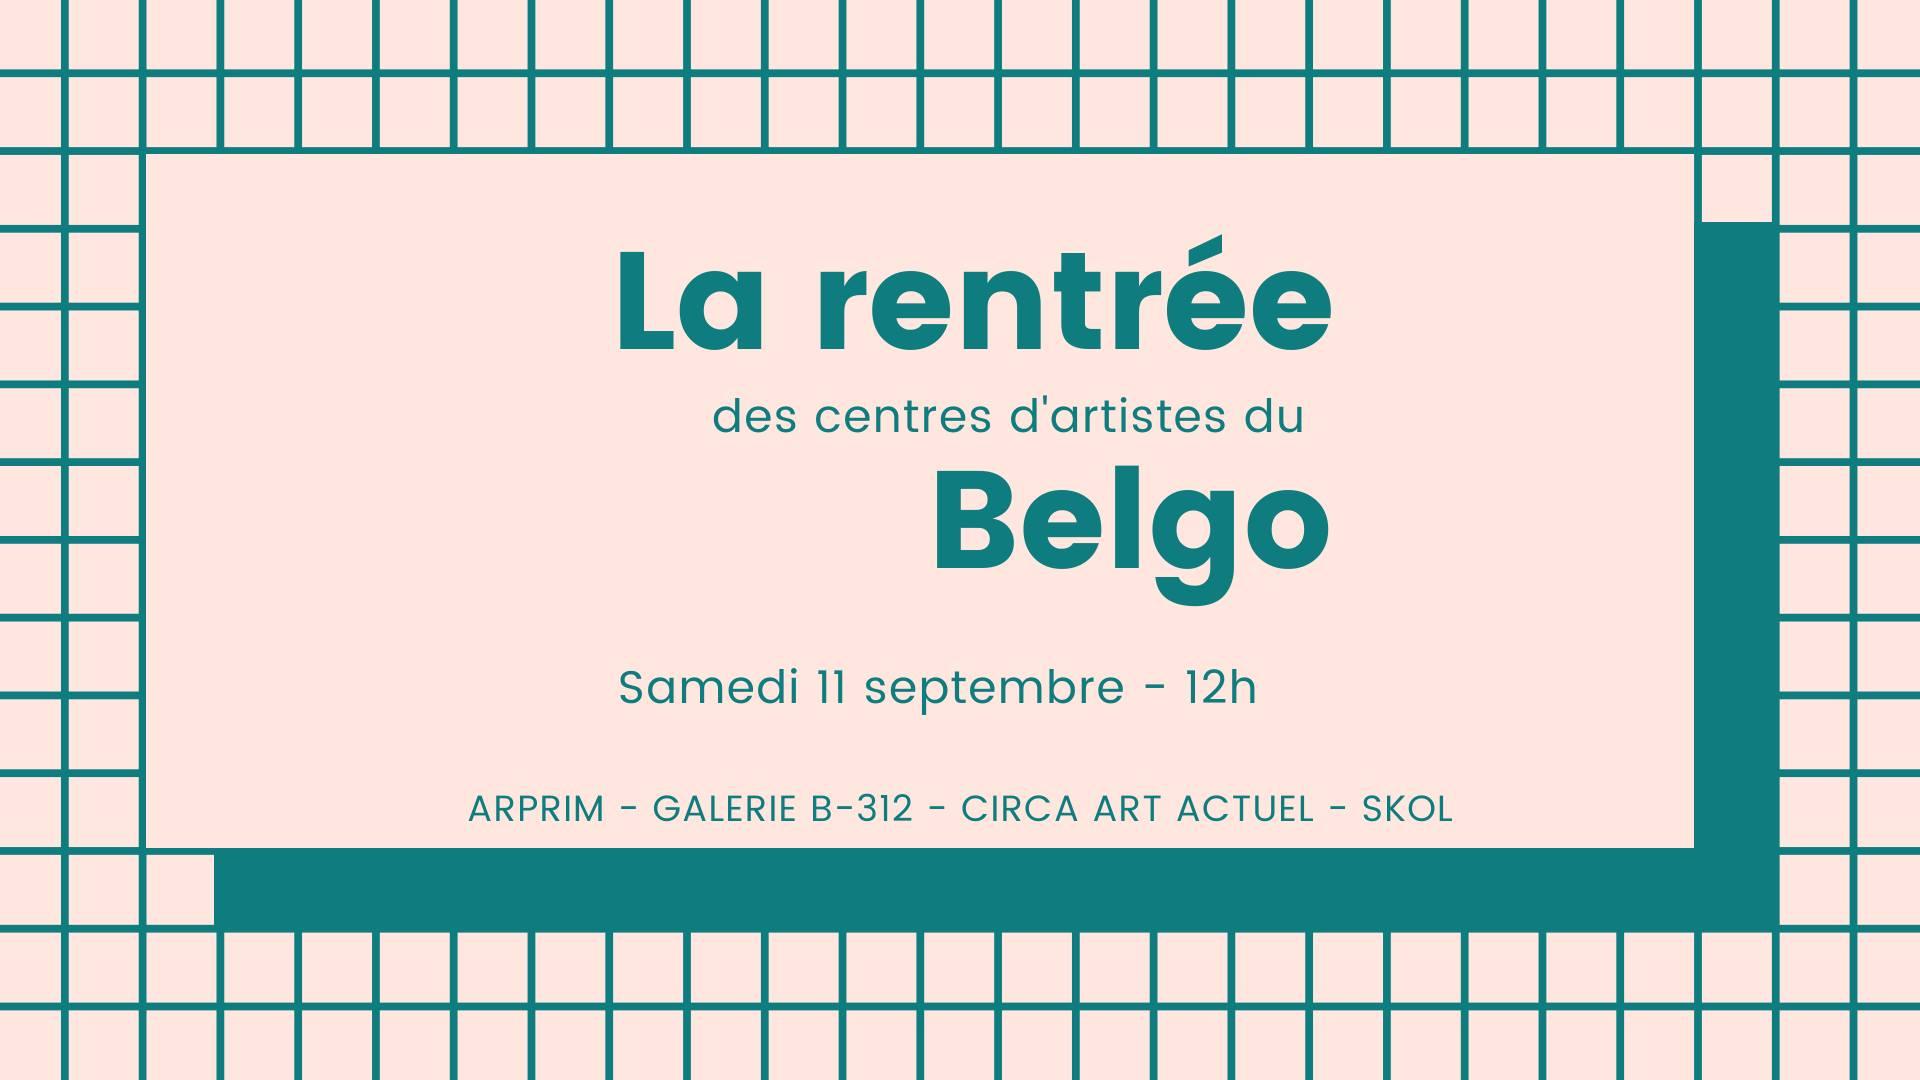 La rentrée des centres d'artistes du Belgo